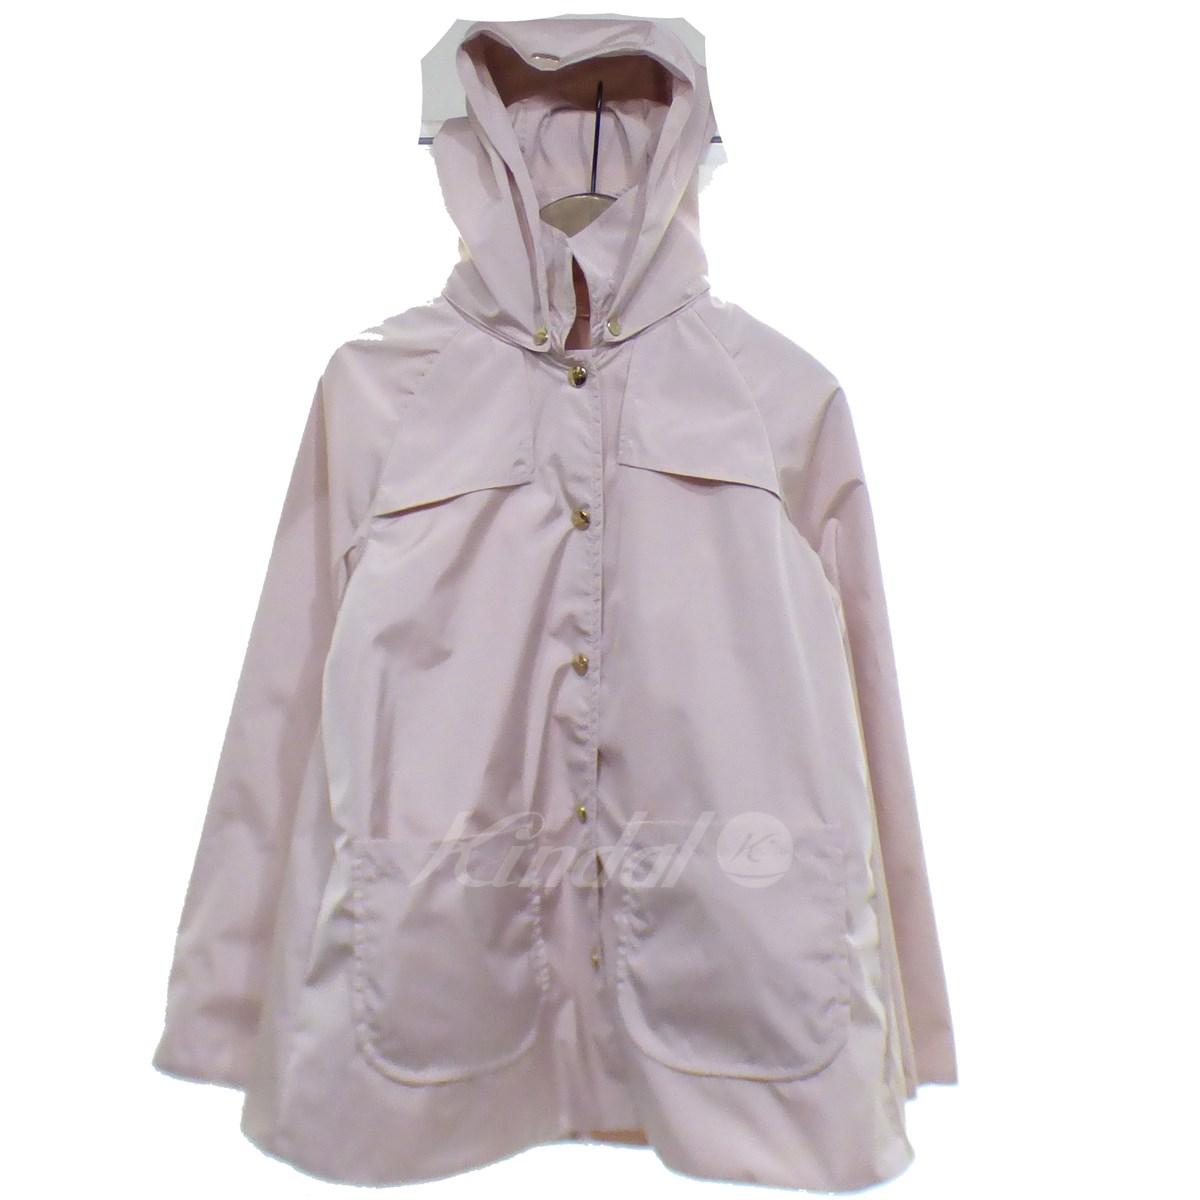 【中古】HERNO ナイロンフーディジャケット ピンク サイズ:10A 【020619】(ヘルノ)